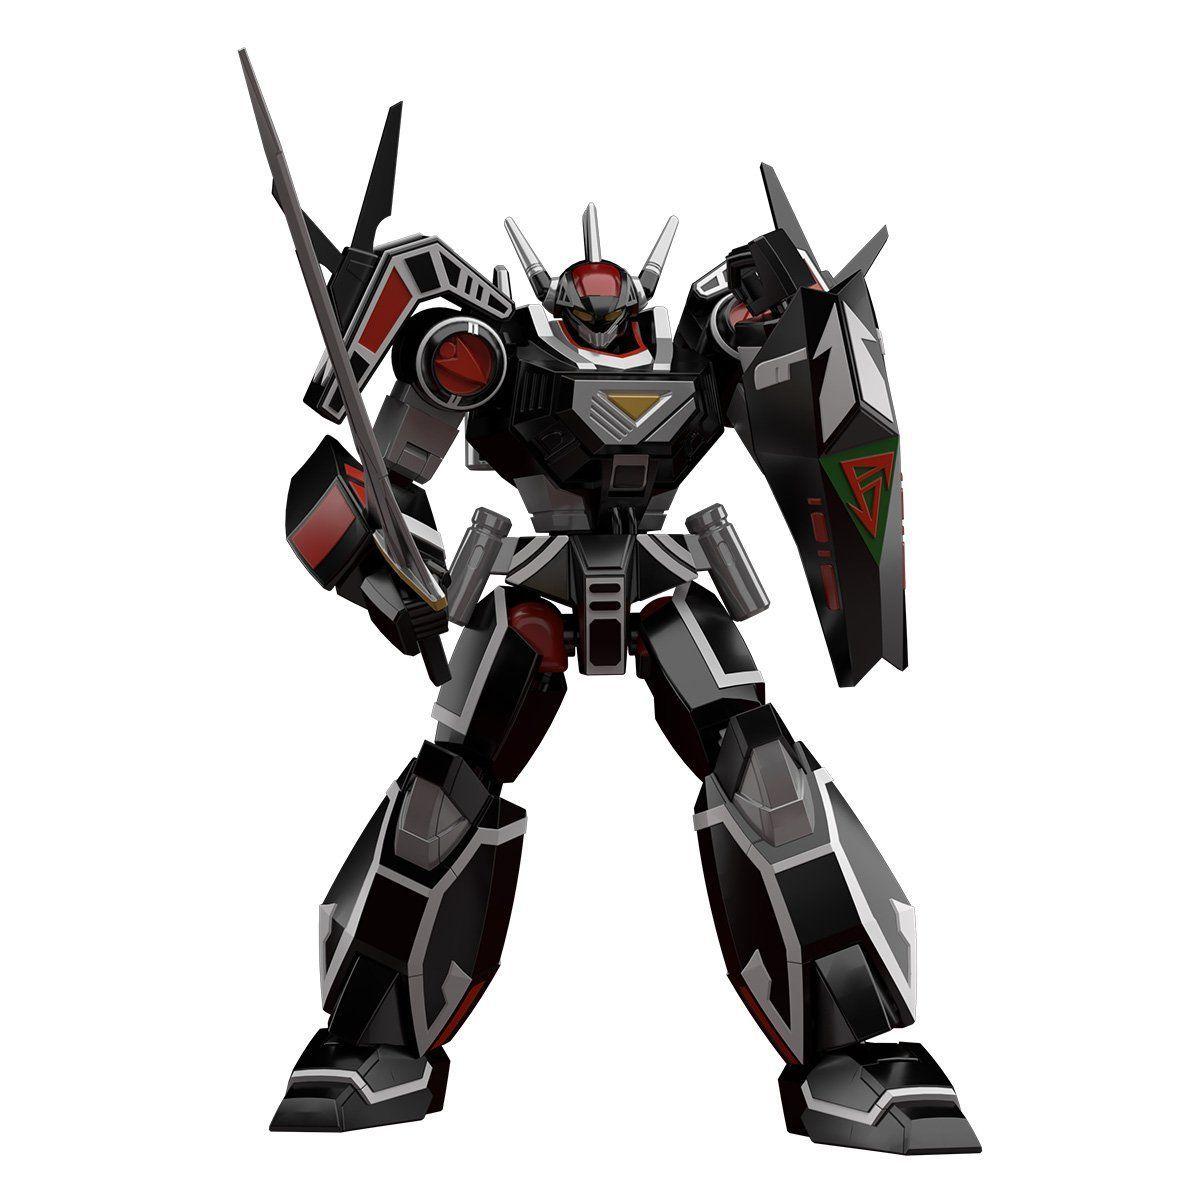 【限定販売】【食玩】スーパーミニプラ『バルジオン』超電子バイオマン 2個入りBOX-001